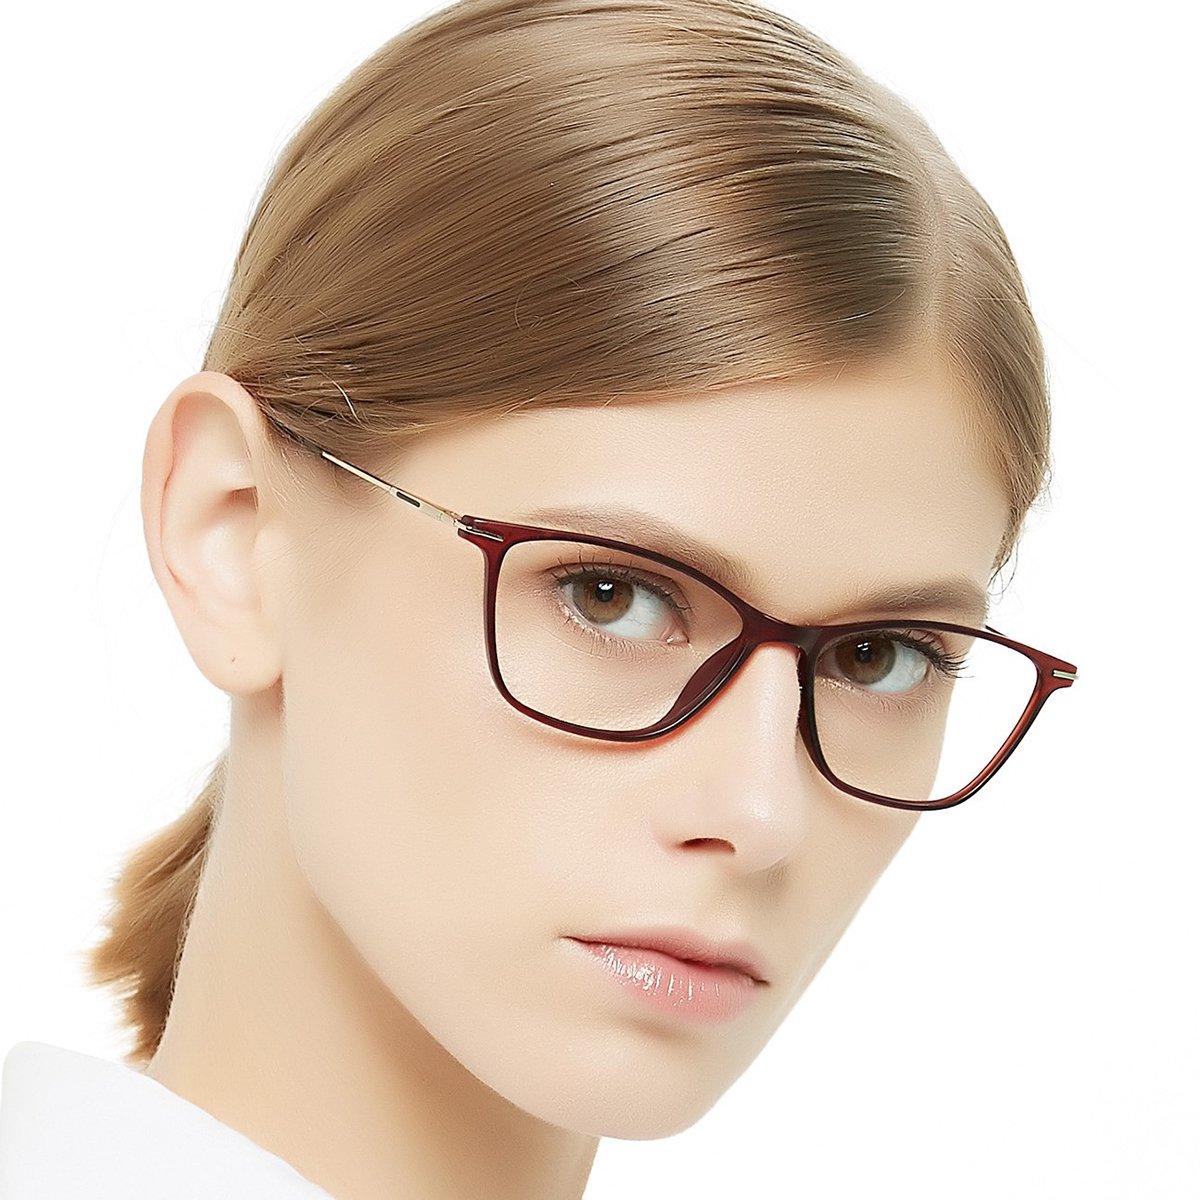 Eyewear Frames-OCCI CHIARI-Rectangle Lightweight Non-Prescription Eyeglasses Frame with Clear Lenses For Womens 52mm … OG-BUSI-C1